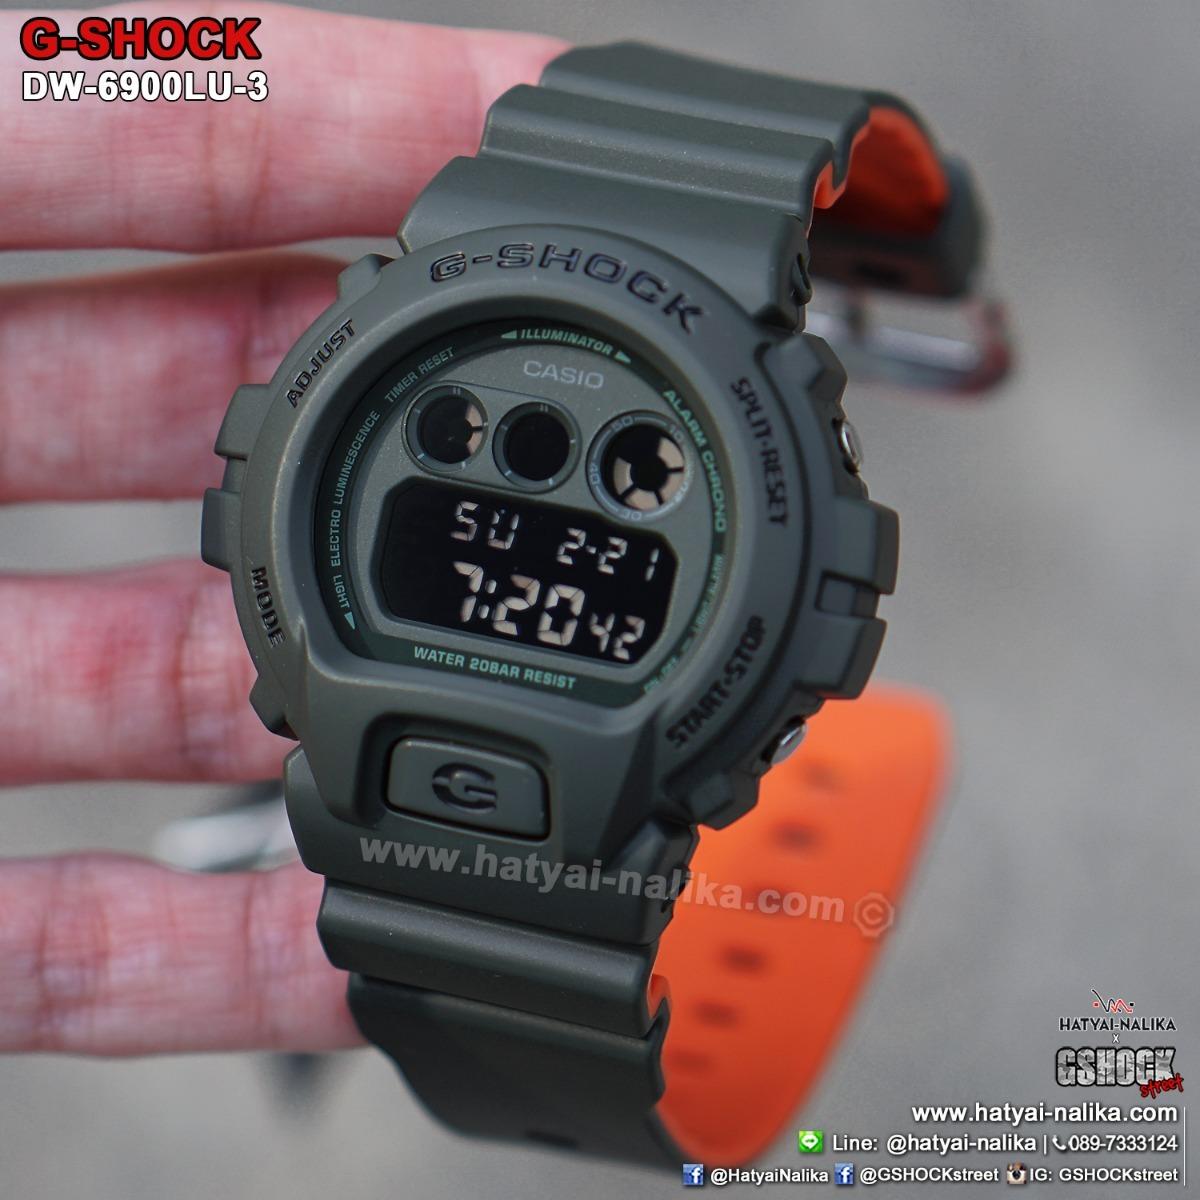 7ddedb22f67 relógio casio g-shock dw 6900lu 3dr (nota fiscal) dw6900. Carregando zoom.